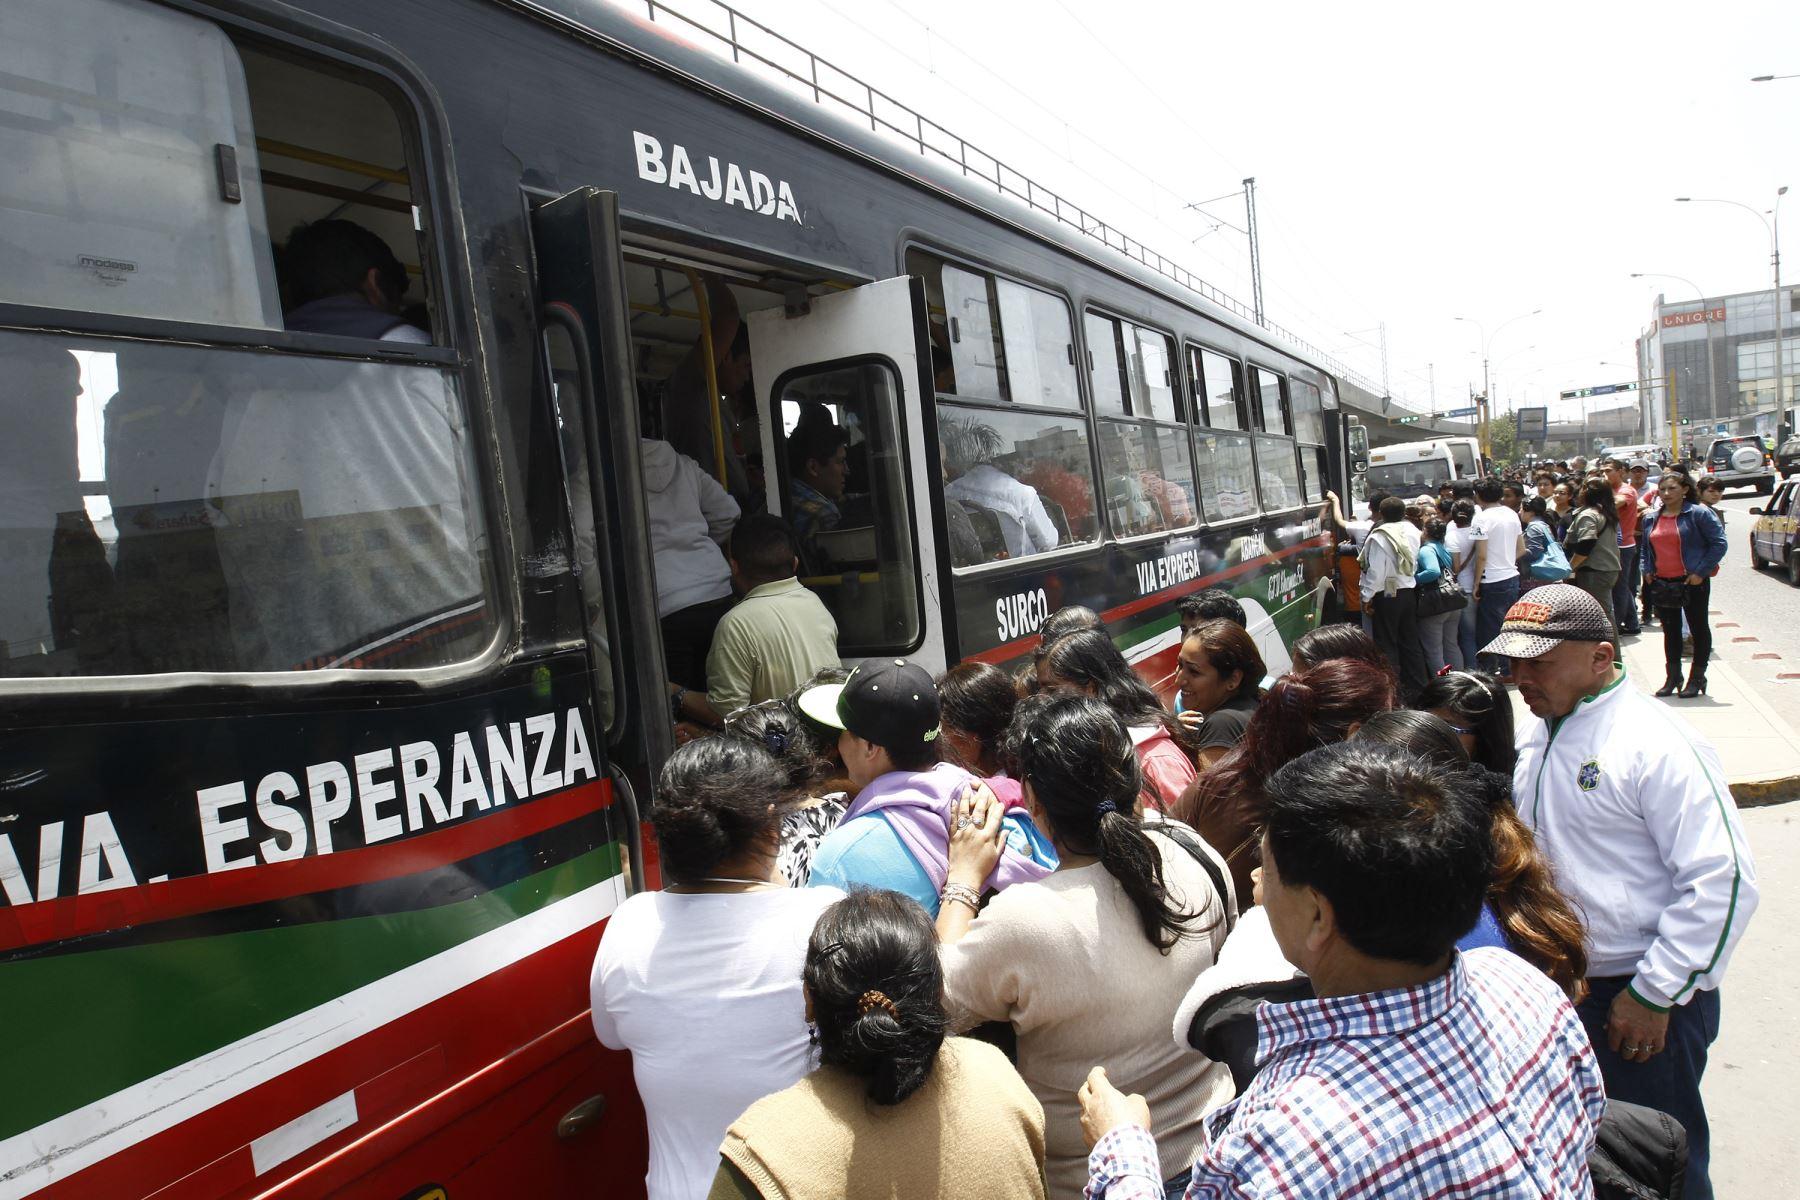 Pasajeros de Lima sur pugnan por subir a una unidad de transporte público, una imagen que se repite todos los días en la capital. Foto: ANDINA